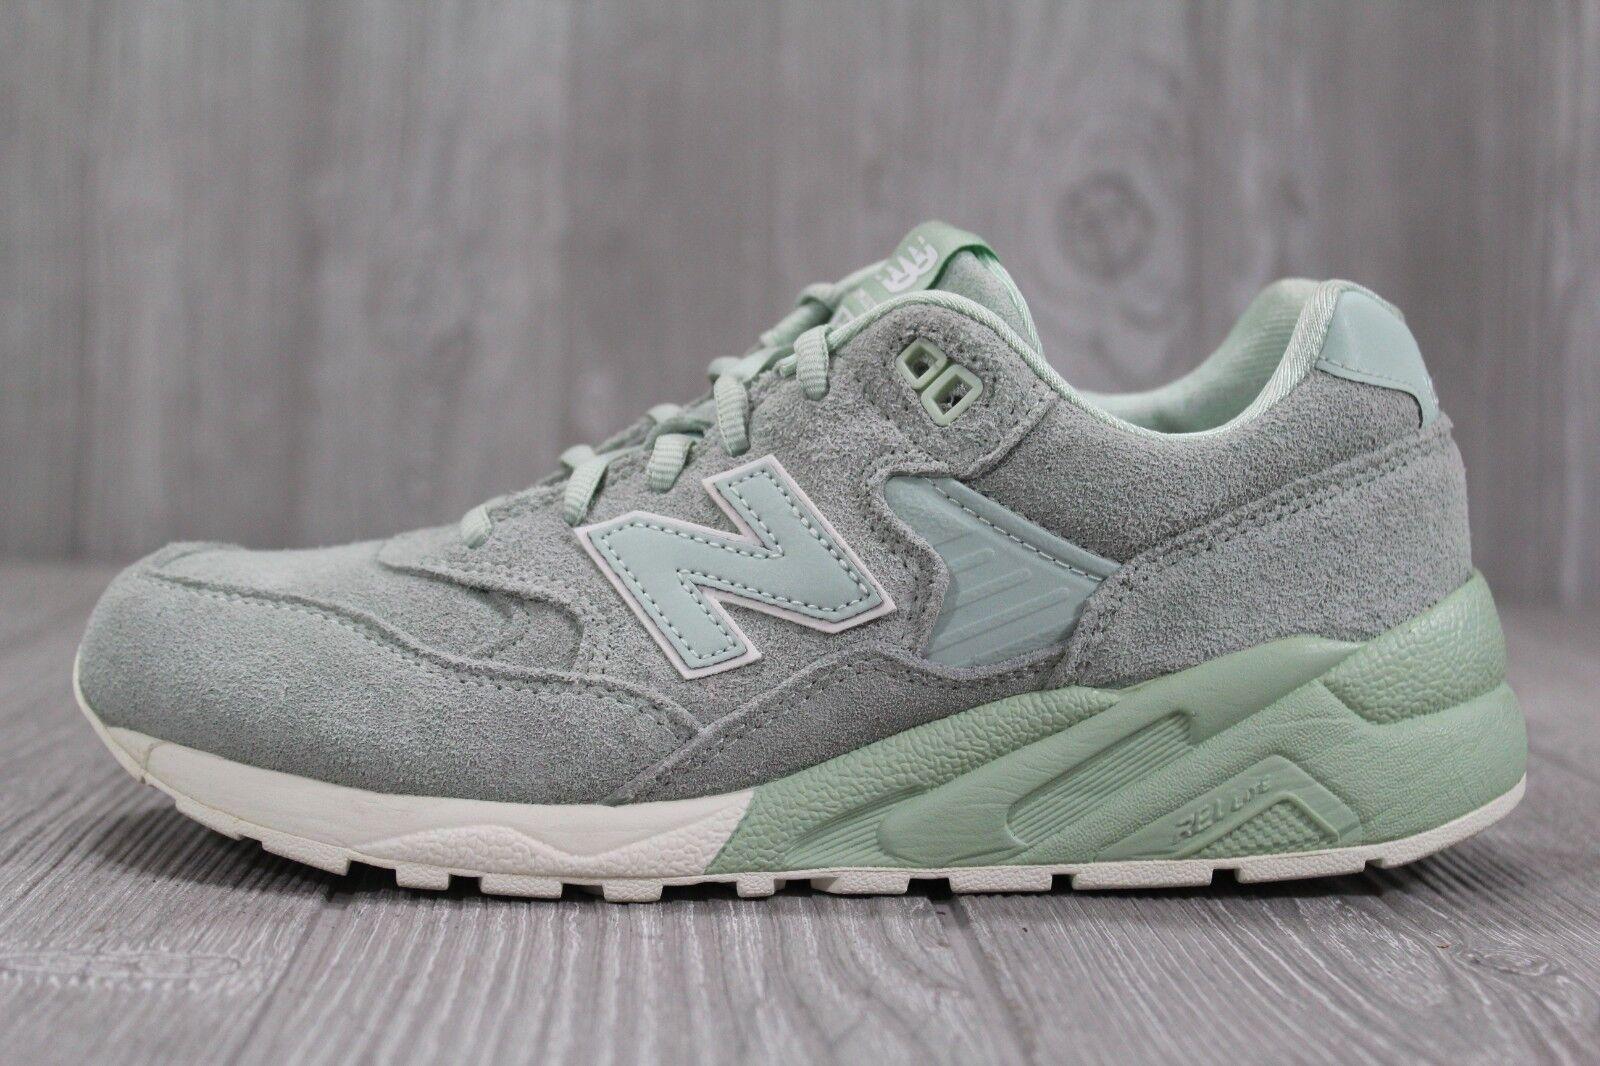 36 New Balance 580 Sage Green Suede Running shoes MRT580MC Mens 6 Women's 7.5